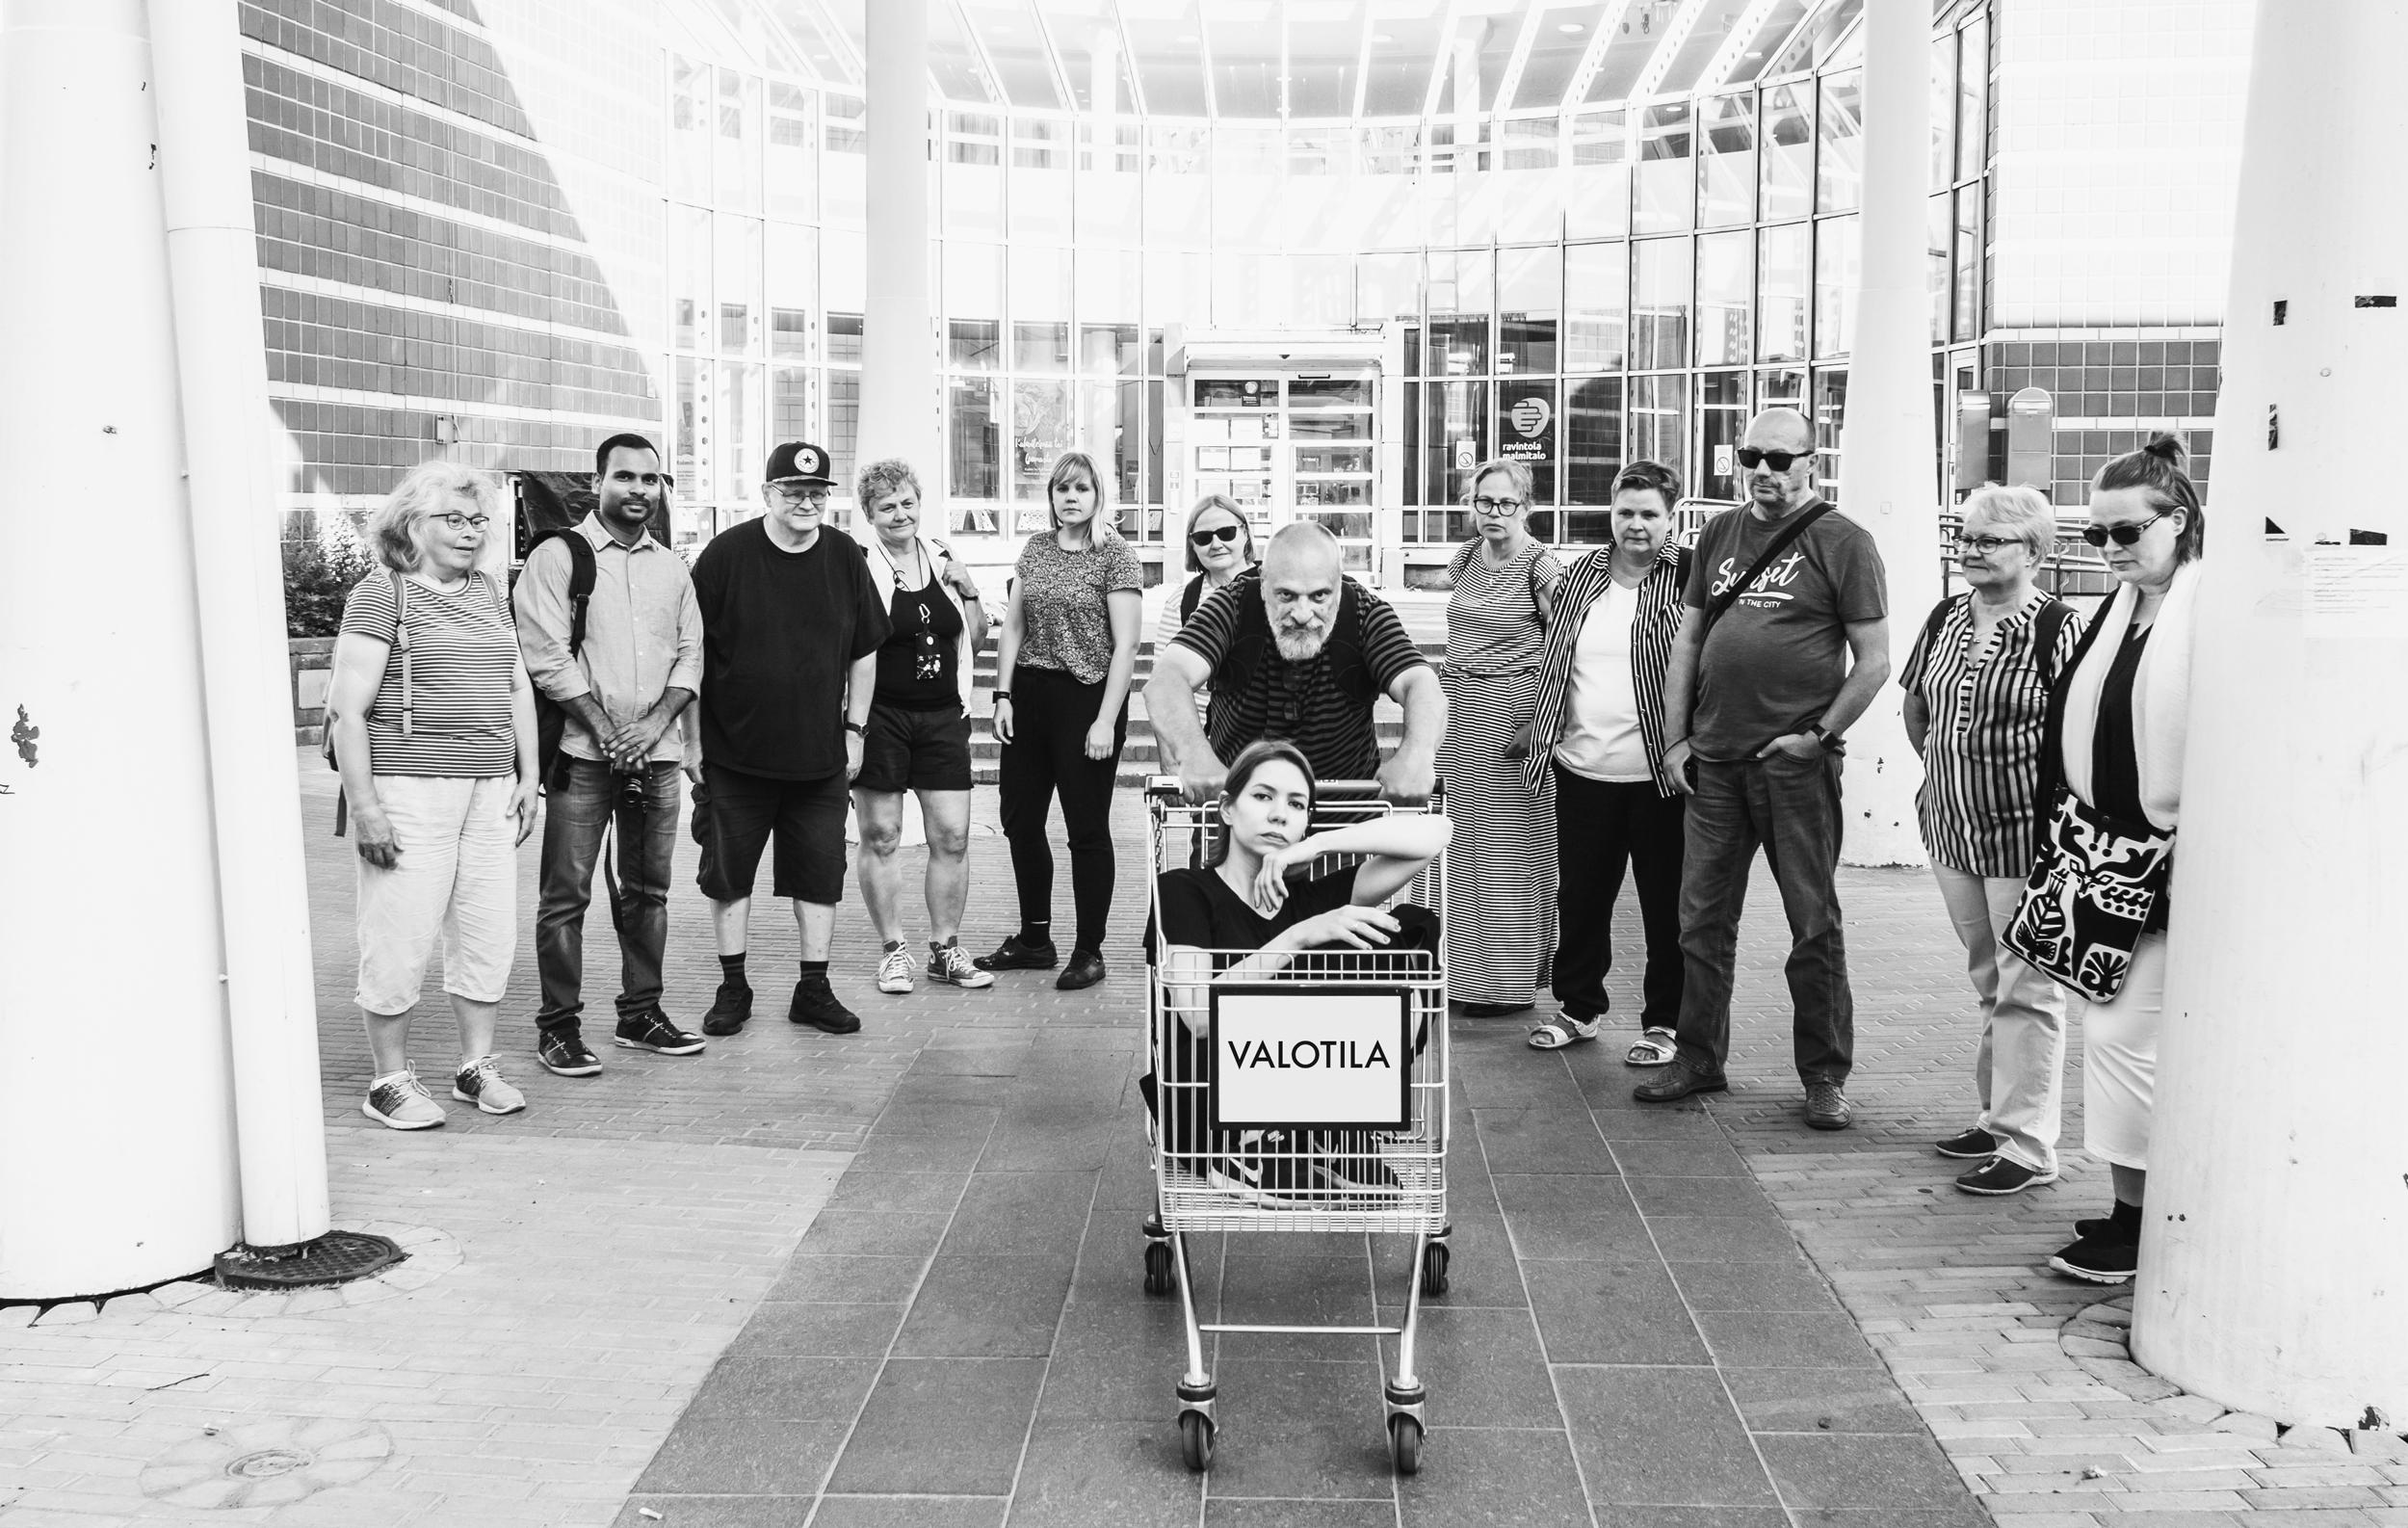 Kesä 2019. Valotilan viimeisellä tapaamiskerralla päätettiin, ettei tapaamiskerta olekaan viimeinen. Yhteisö jatkaa toimintaansa, vaikka hanke päättyykin.